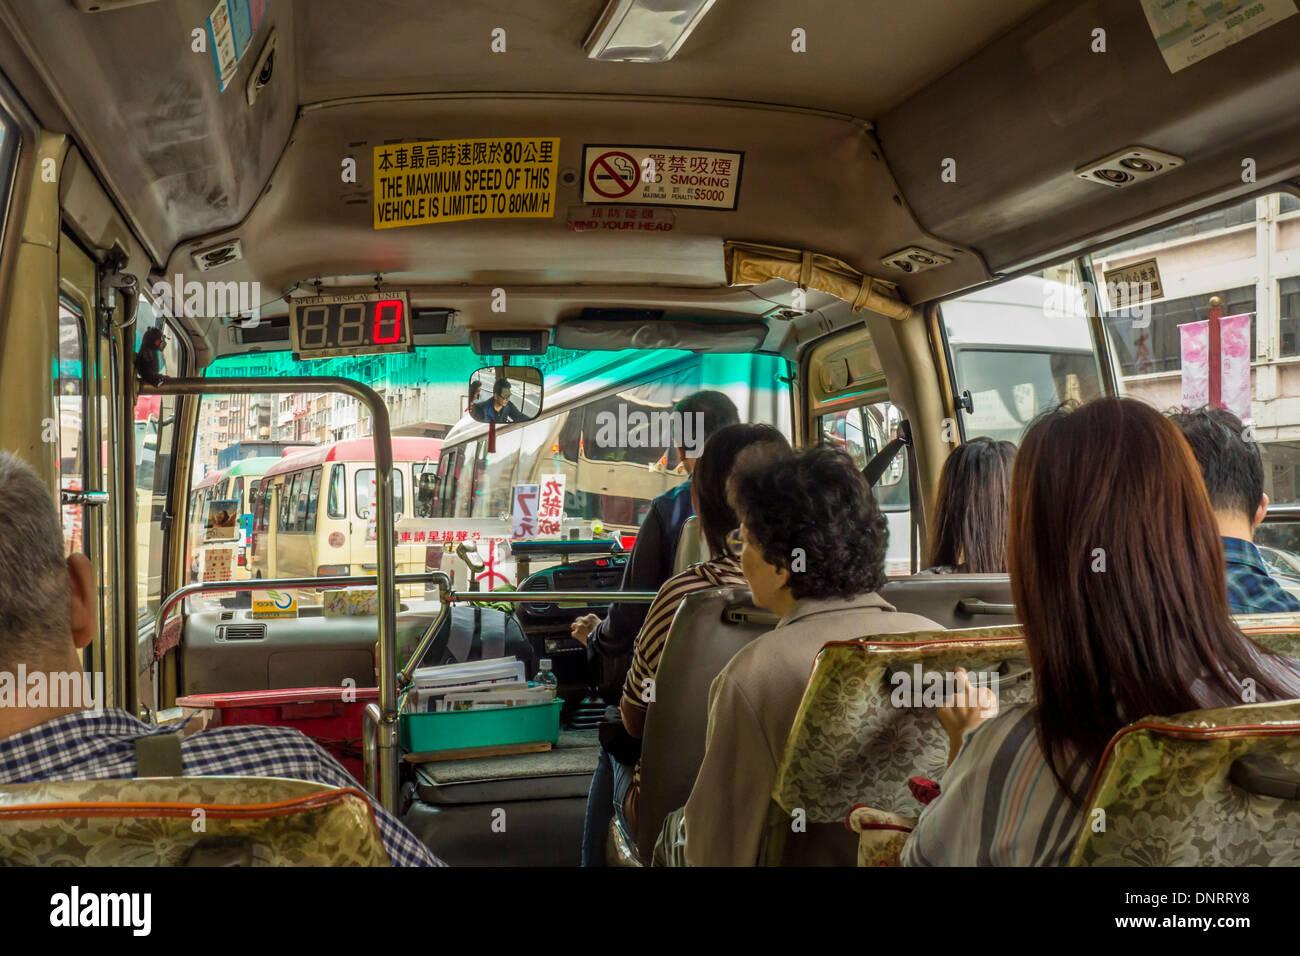 Interior of Minibus, Hong Kong, China - Stock Image